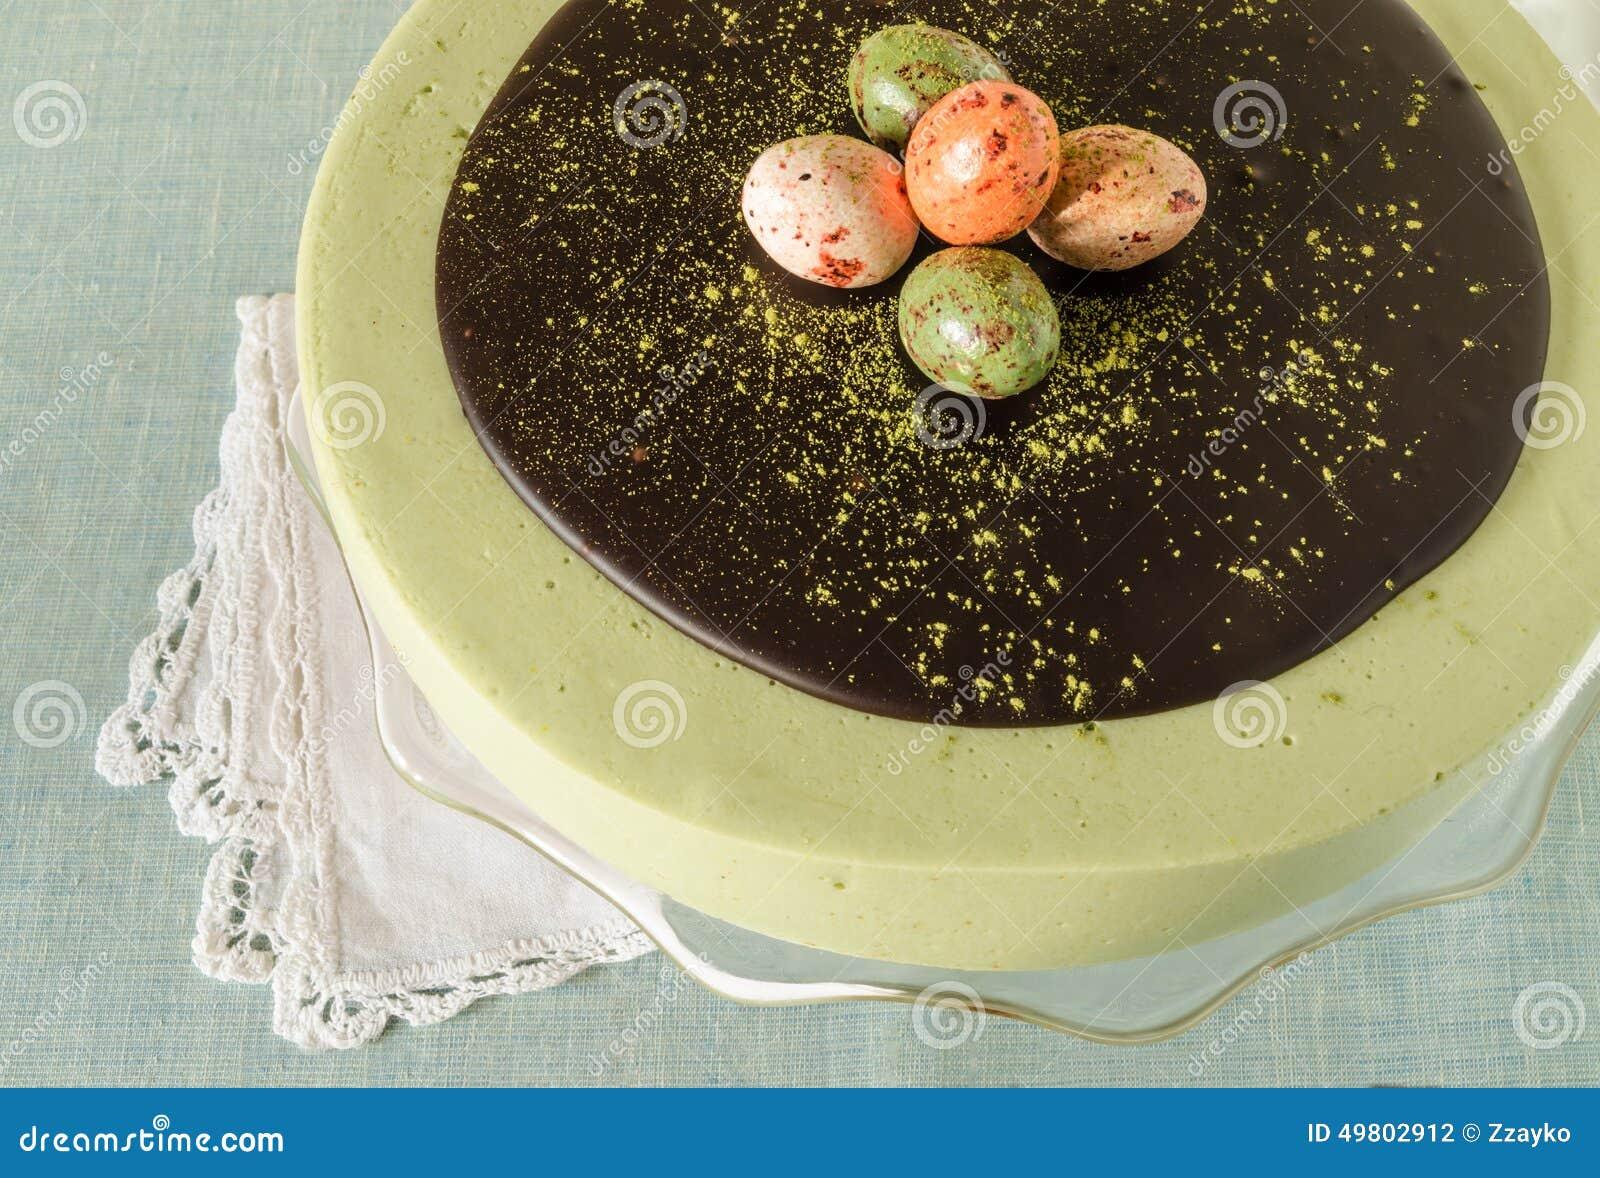 Chocolate Cake Matcha Ganache